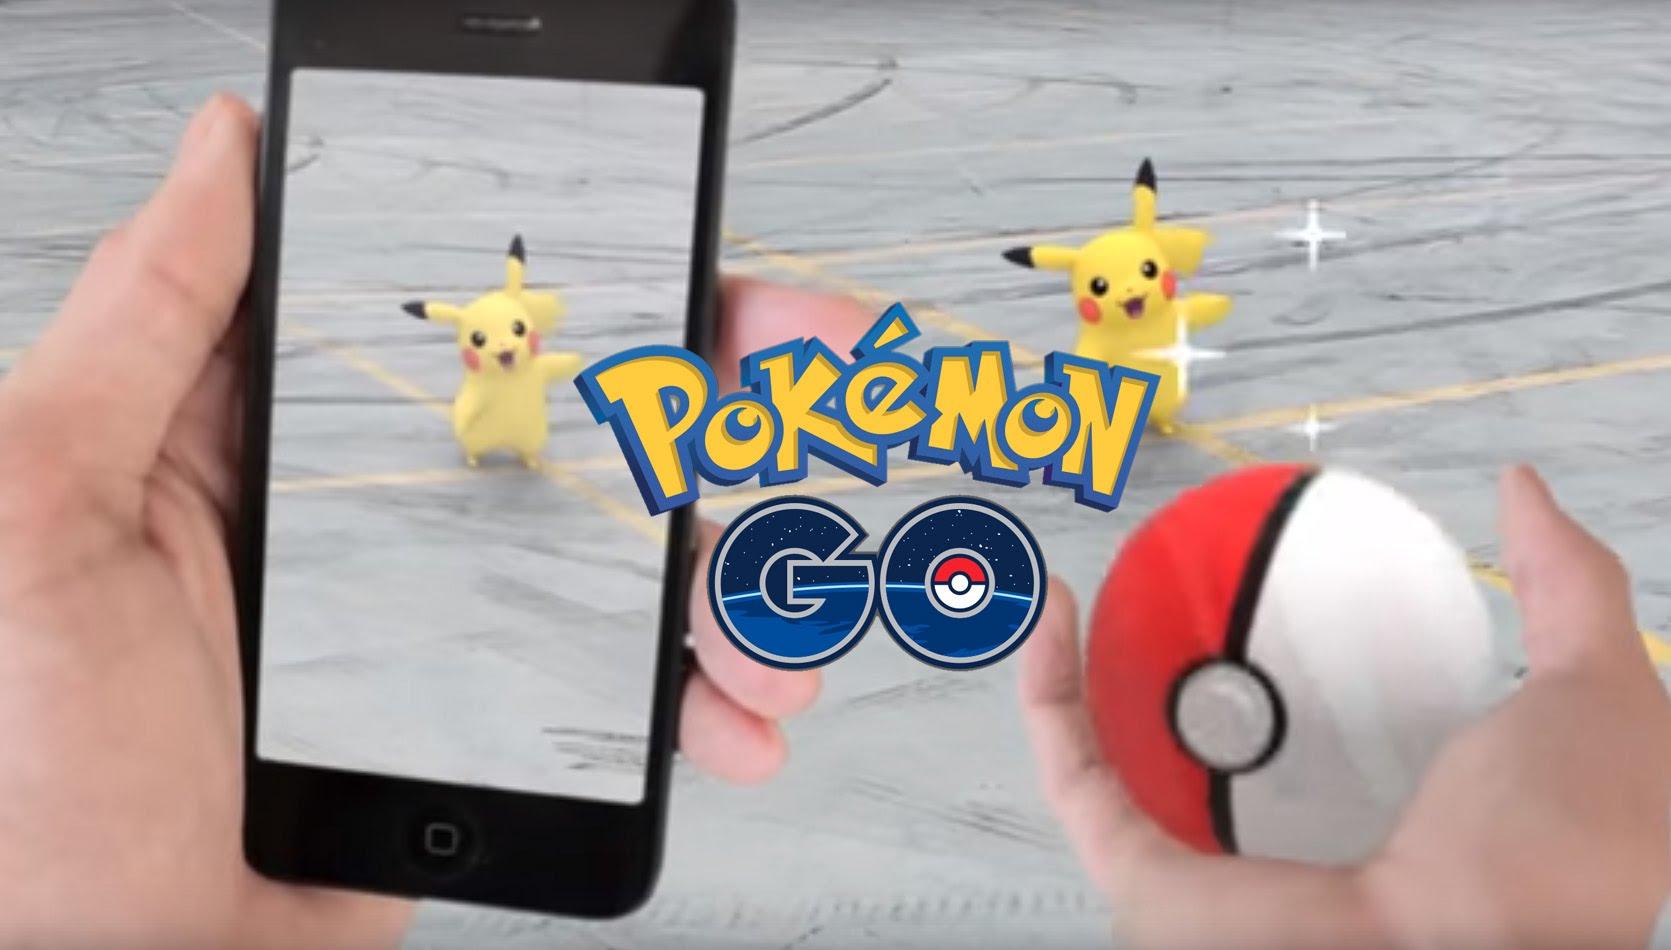 ¡Por fin! Pokémon Go llegó oficialmente a Colombia